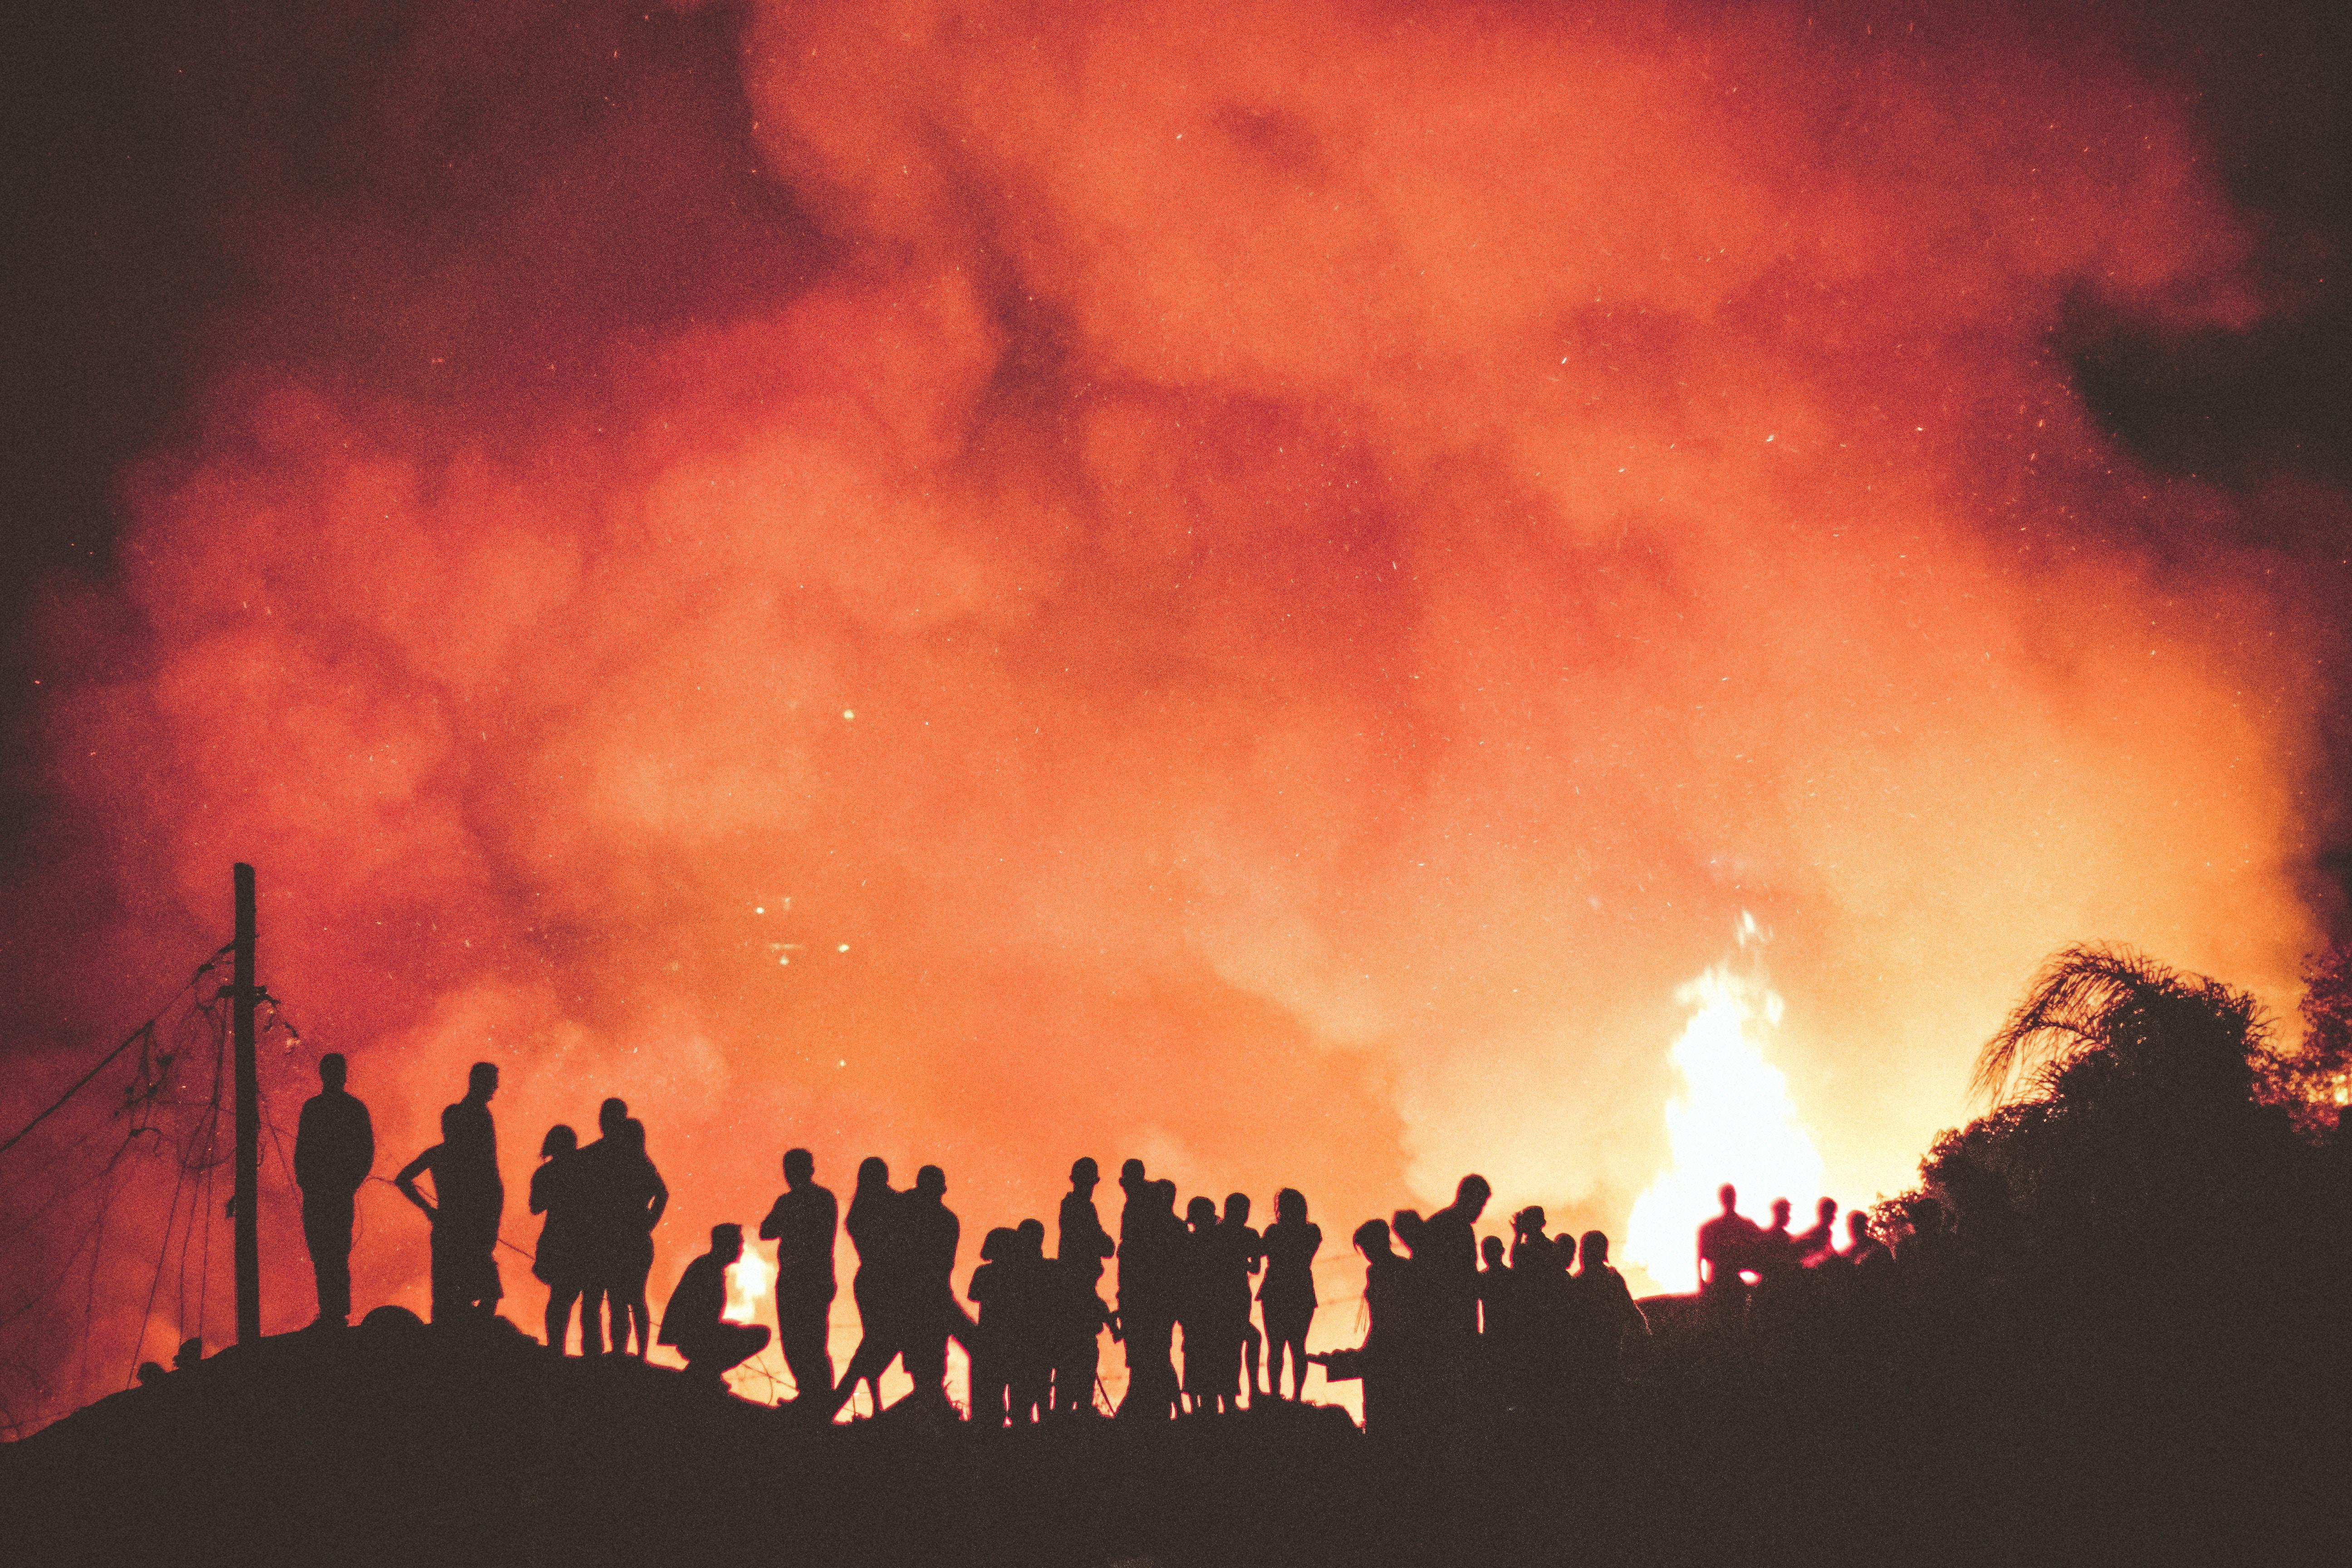 På sporet af branden med branddetektering